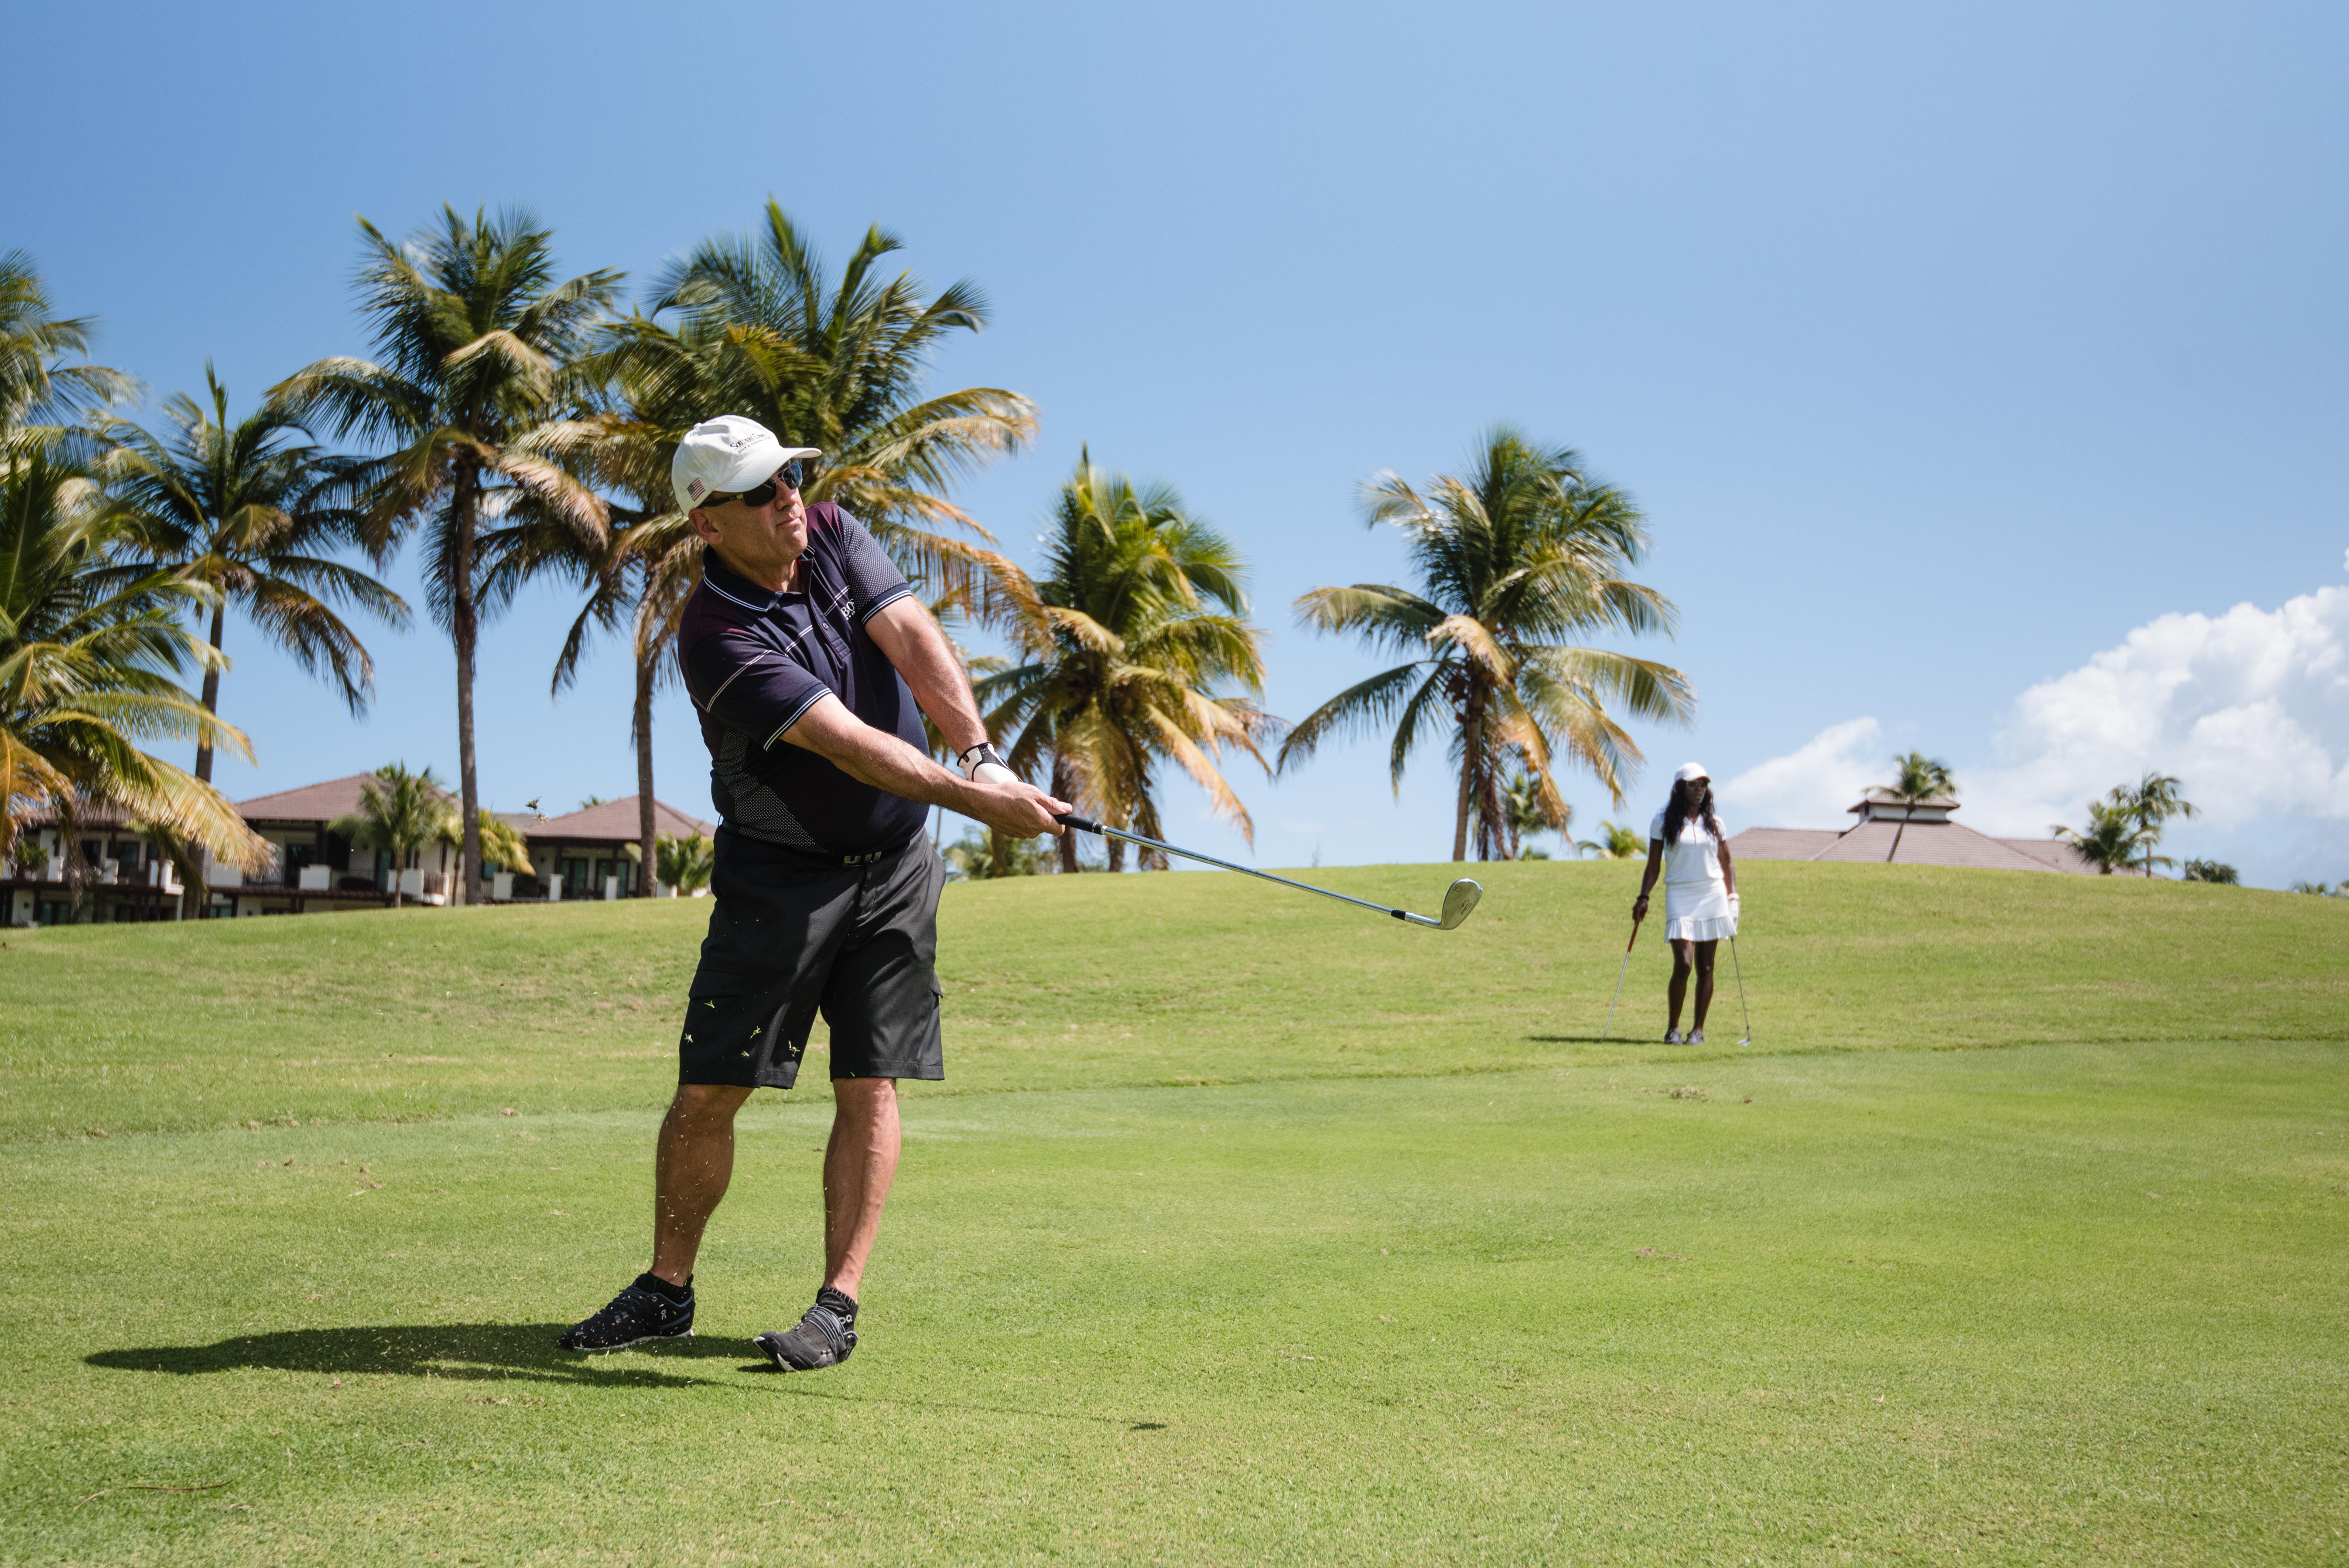 _20200223-Tennis+Golf-99